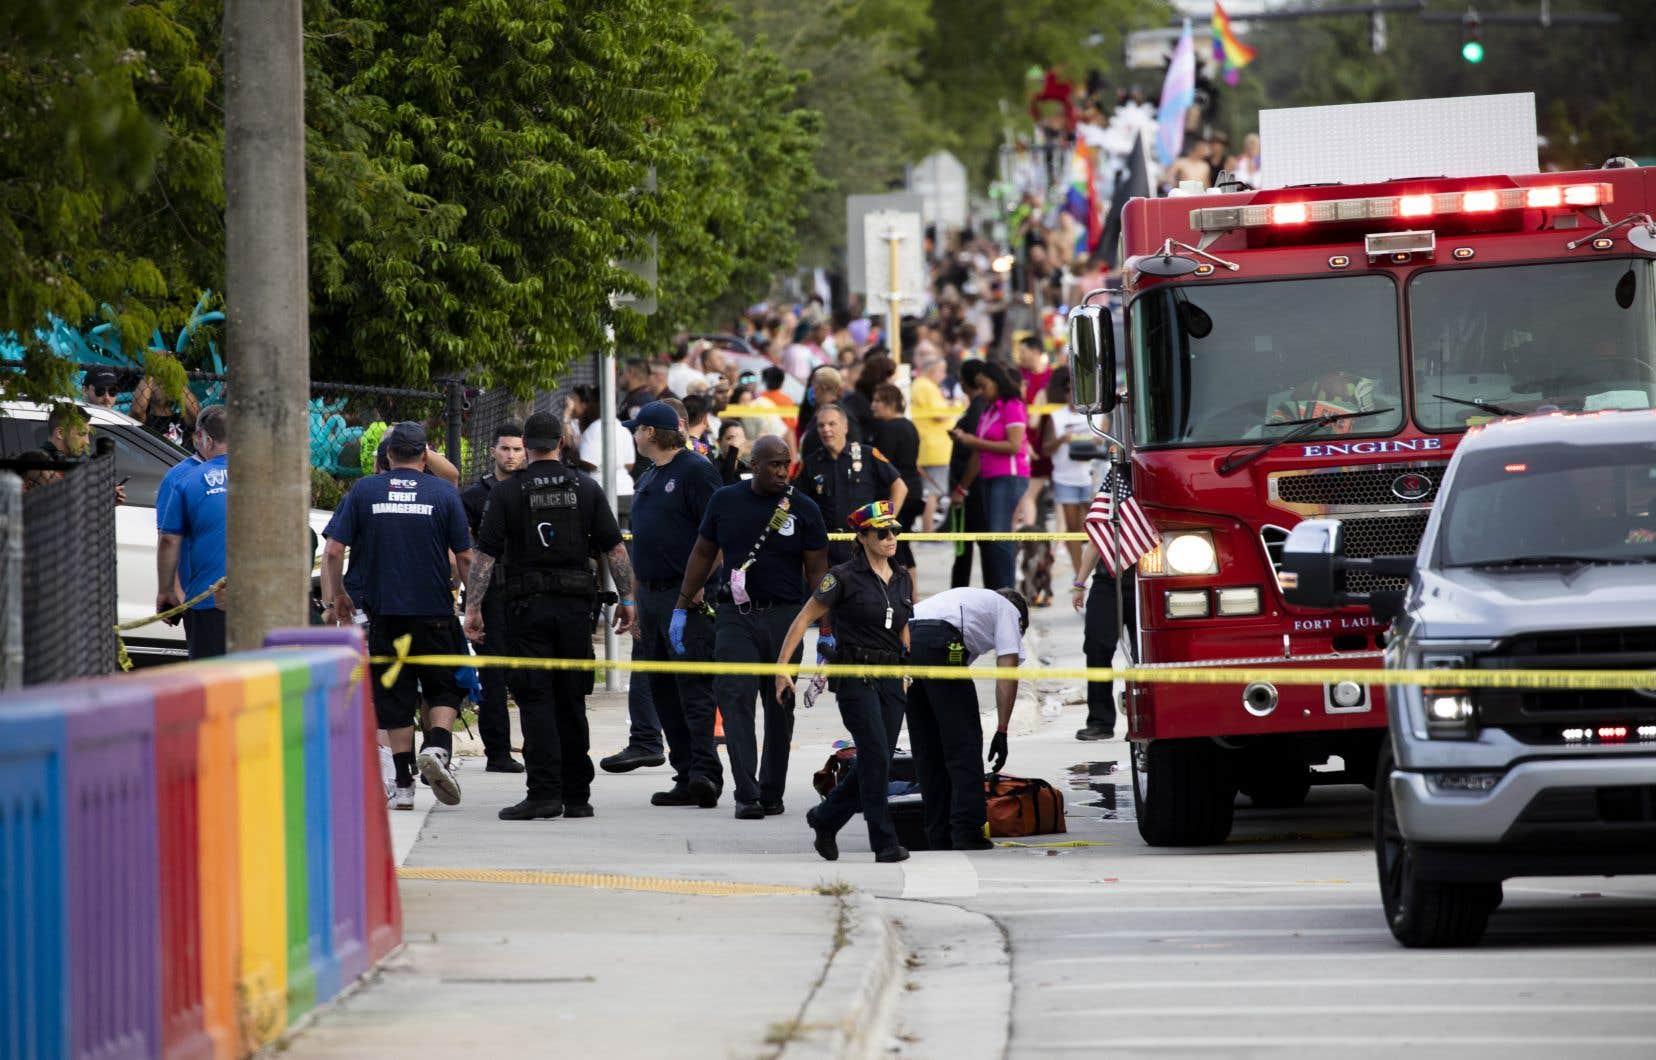 Le conducteur a heurté involontairement des personnes rassemblées pour le défilé, un accident qui avait d'abord été pris pour une manoeuvre intentionnelle.